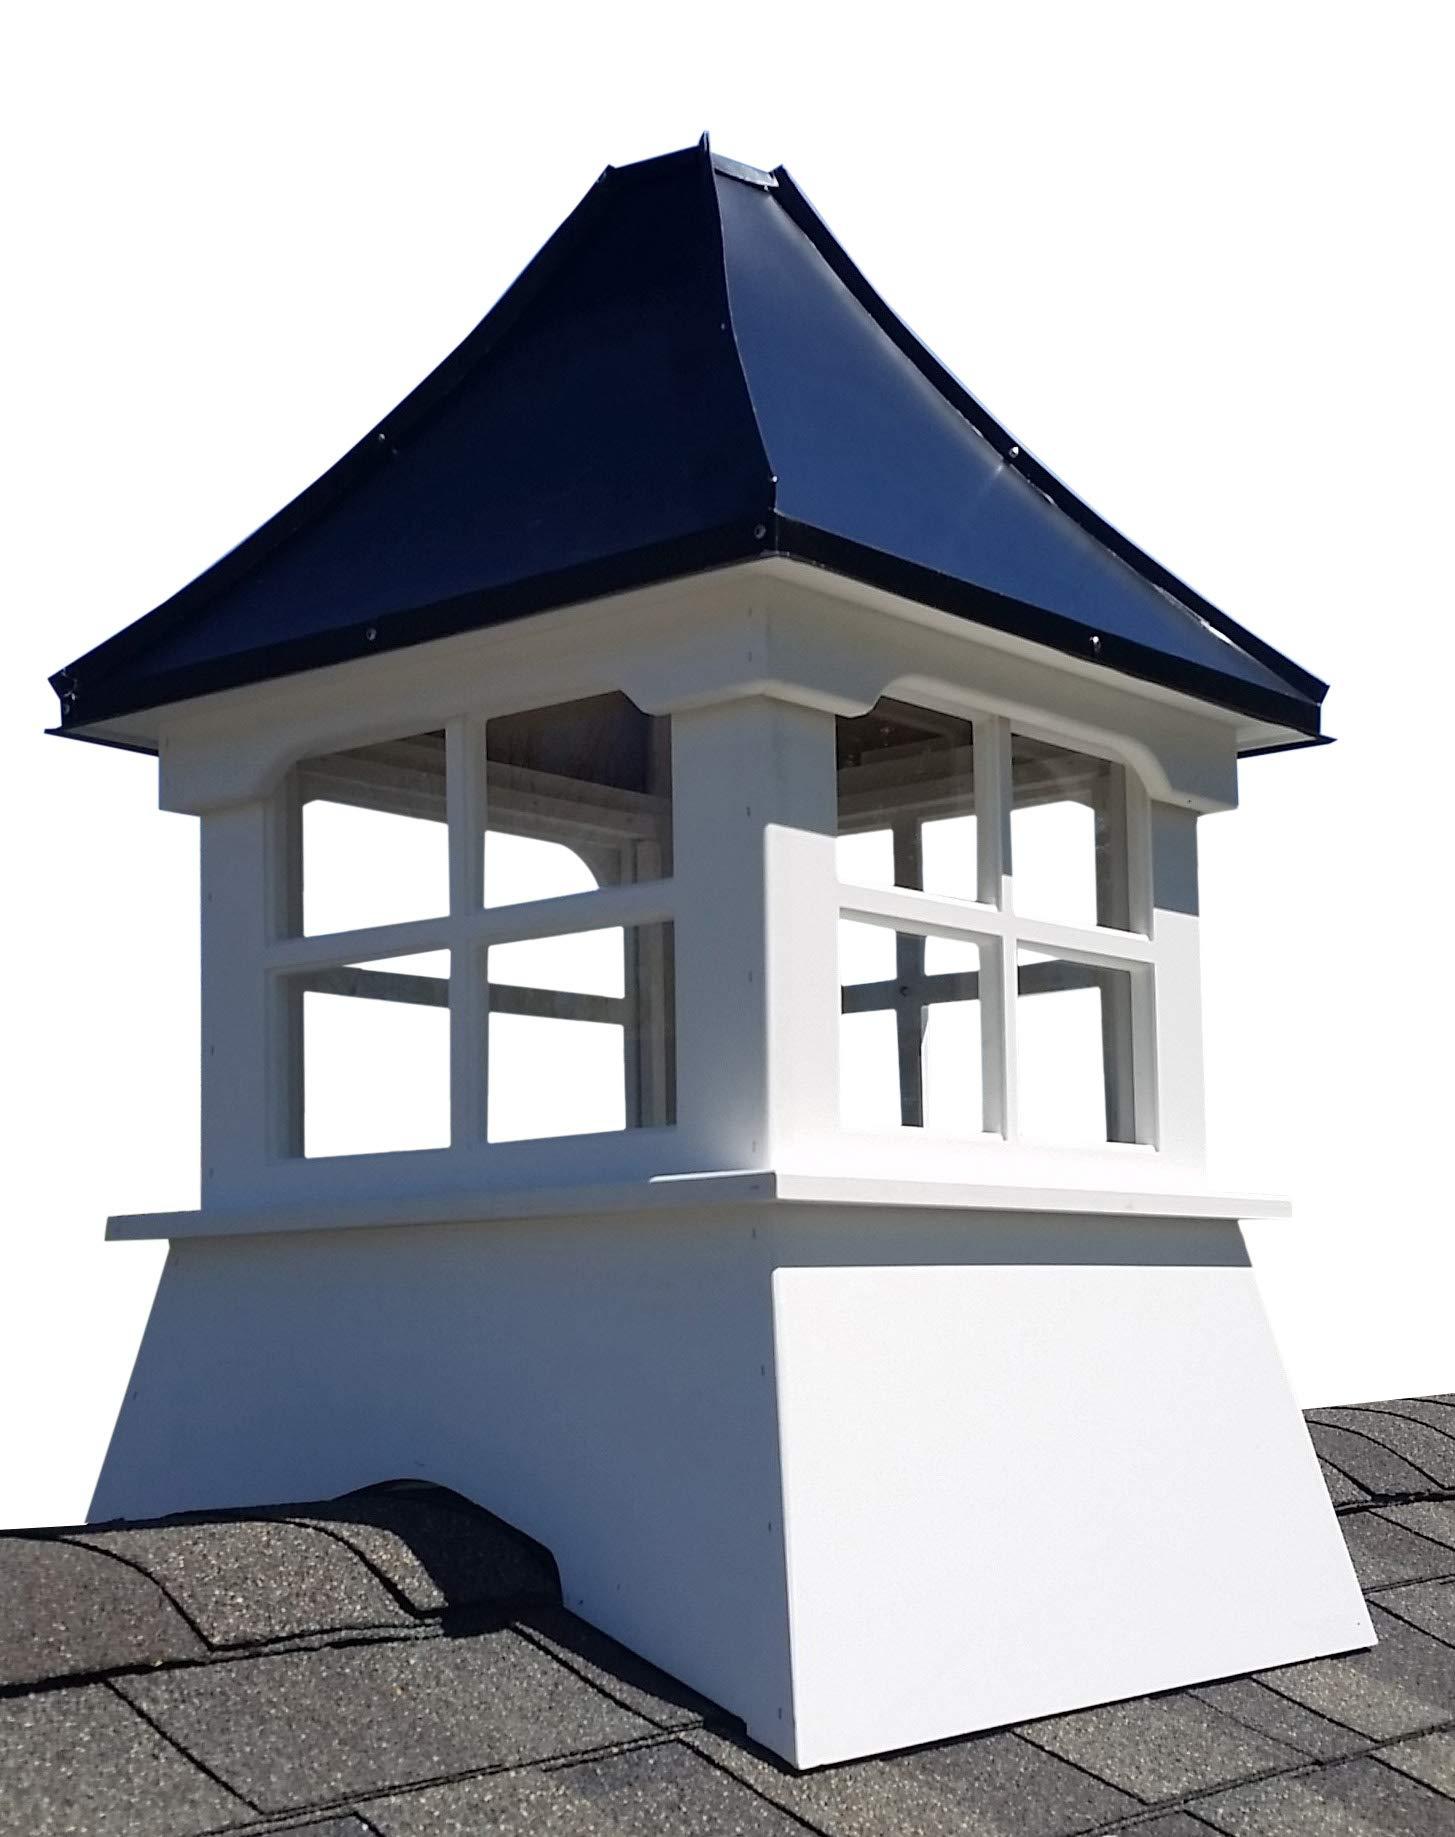 Accentua Monterey Cupola, 24 in. Square, 39 in. High